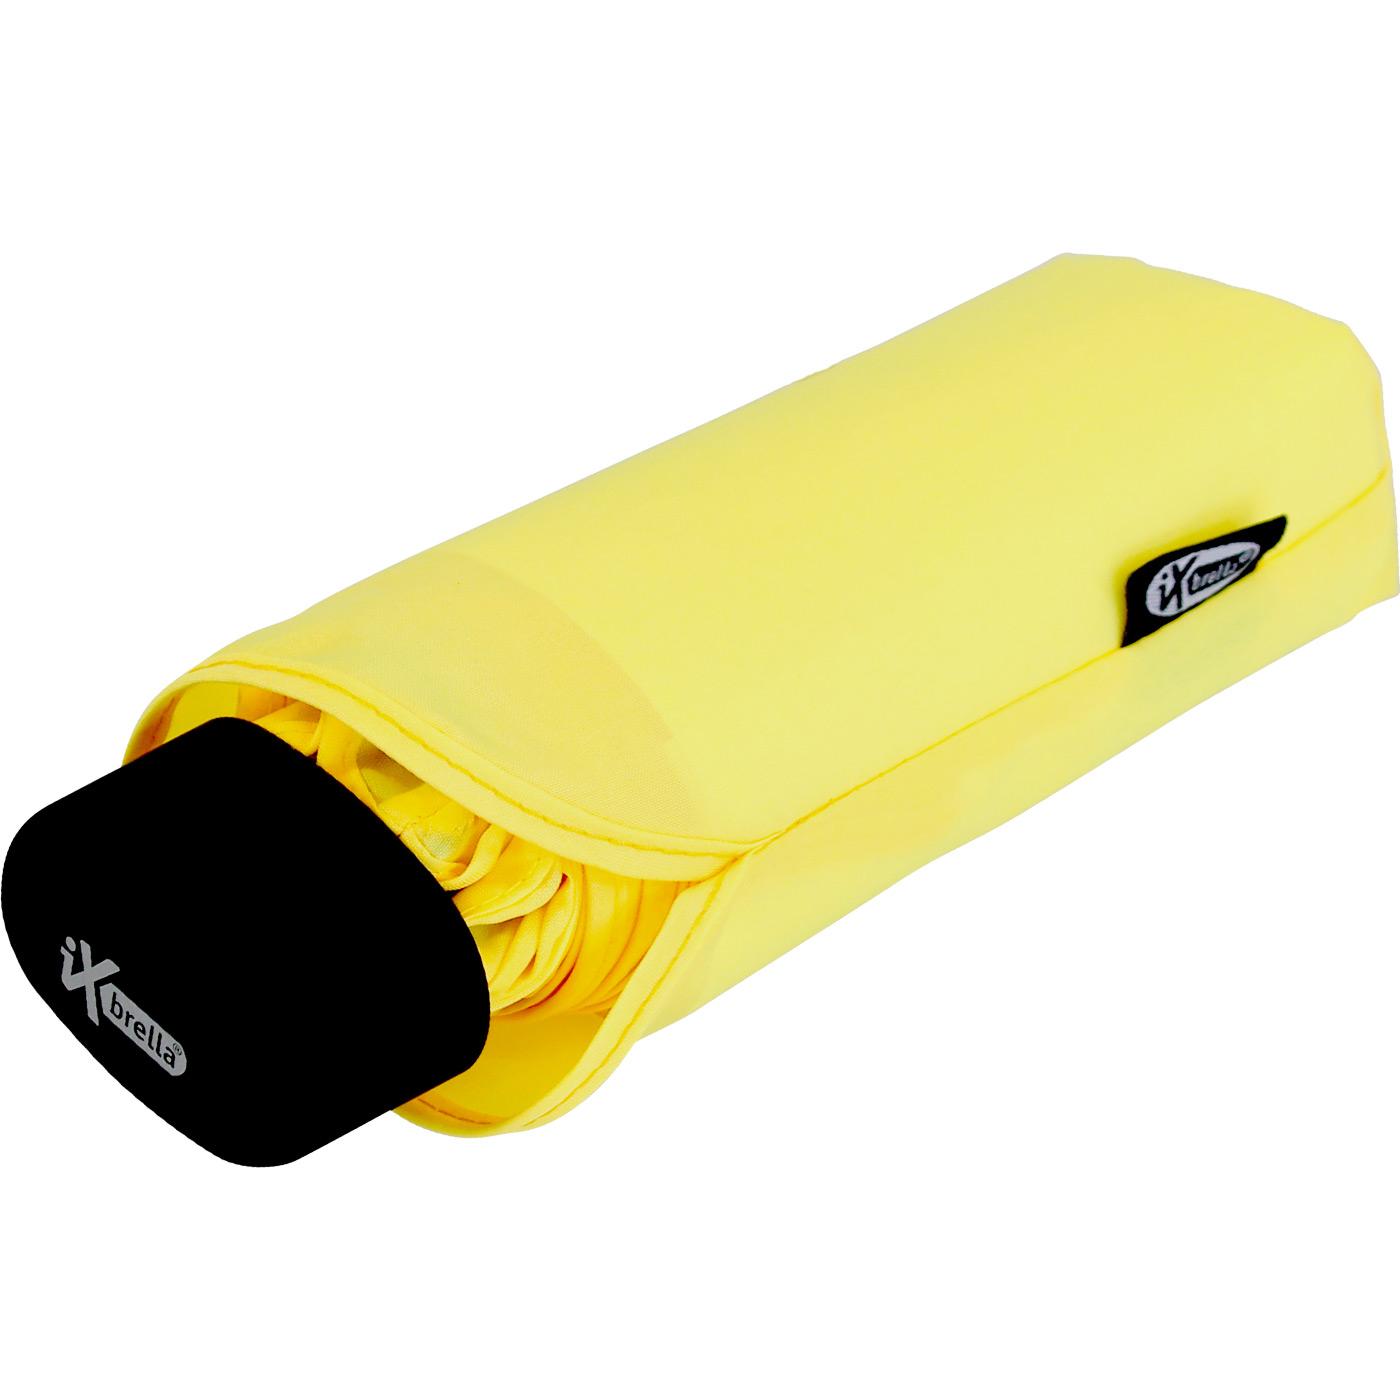 Regenschirm-Super-Mini-Taschenschirm-Damen-Herren-winzig-klein-leicht-im-Etui Indexbild 29